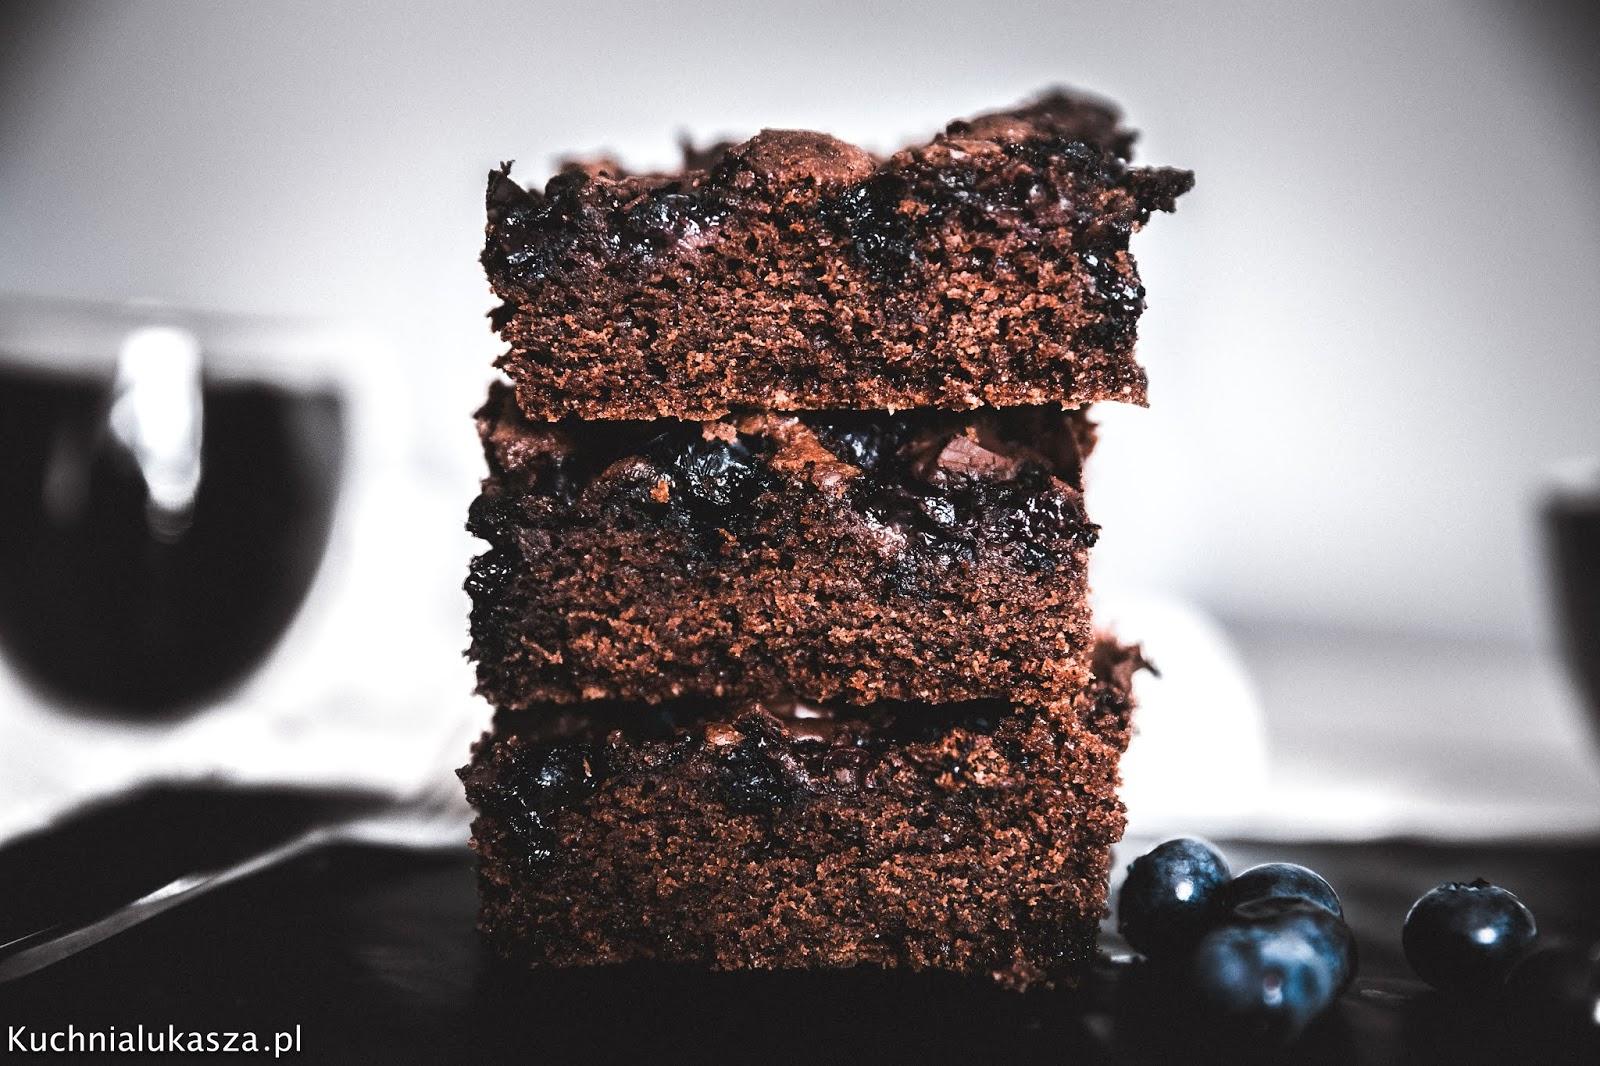 brownie z borowka amerykanska - przepis